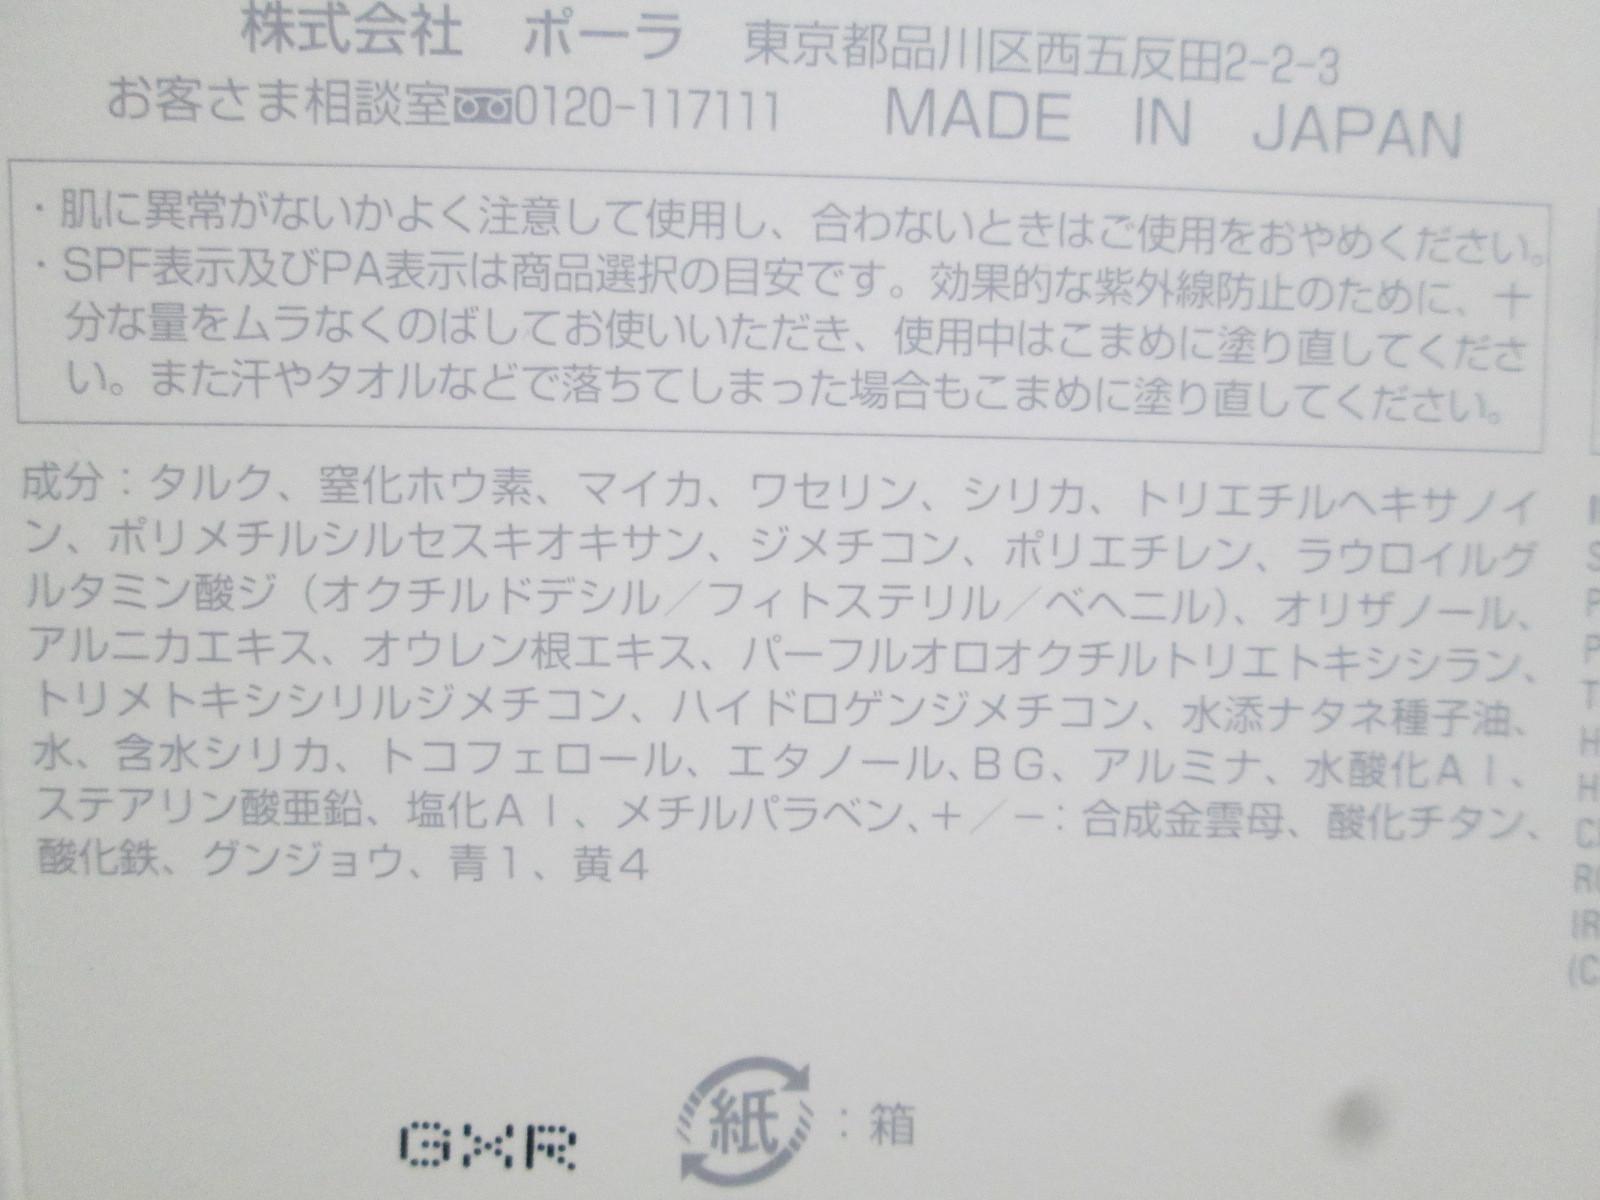 IMG_4709ディ (13)